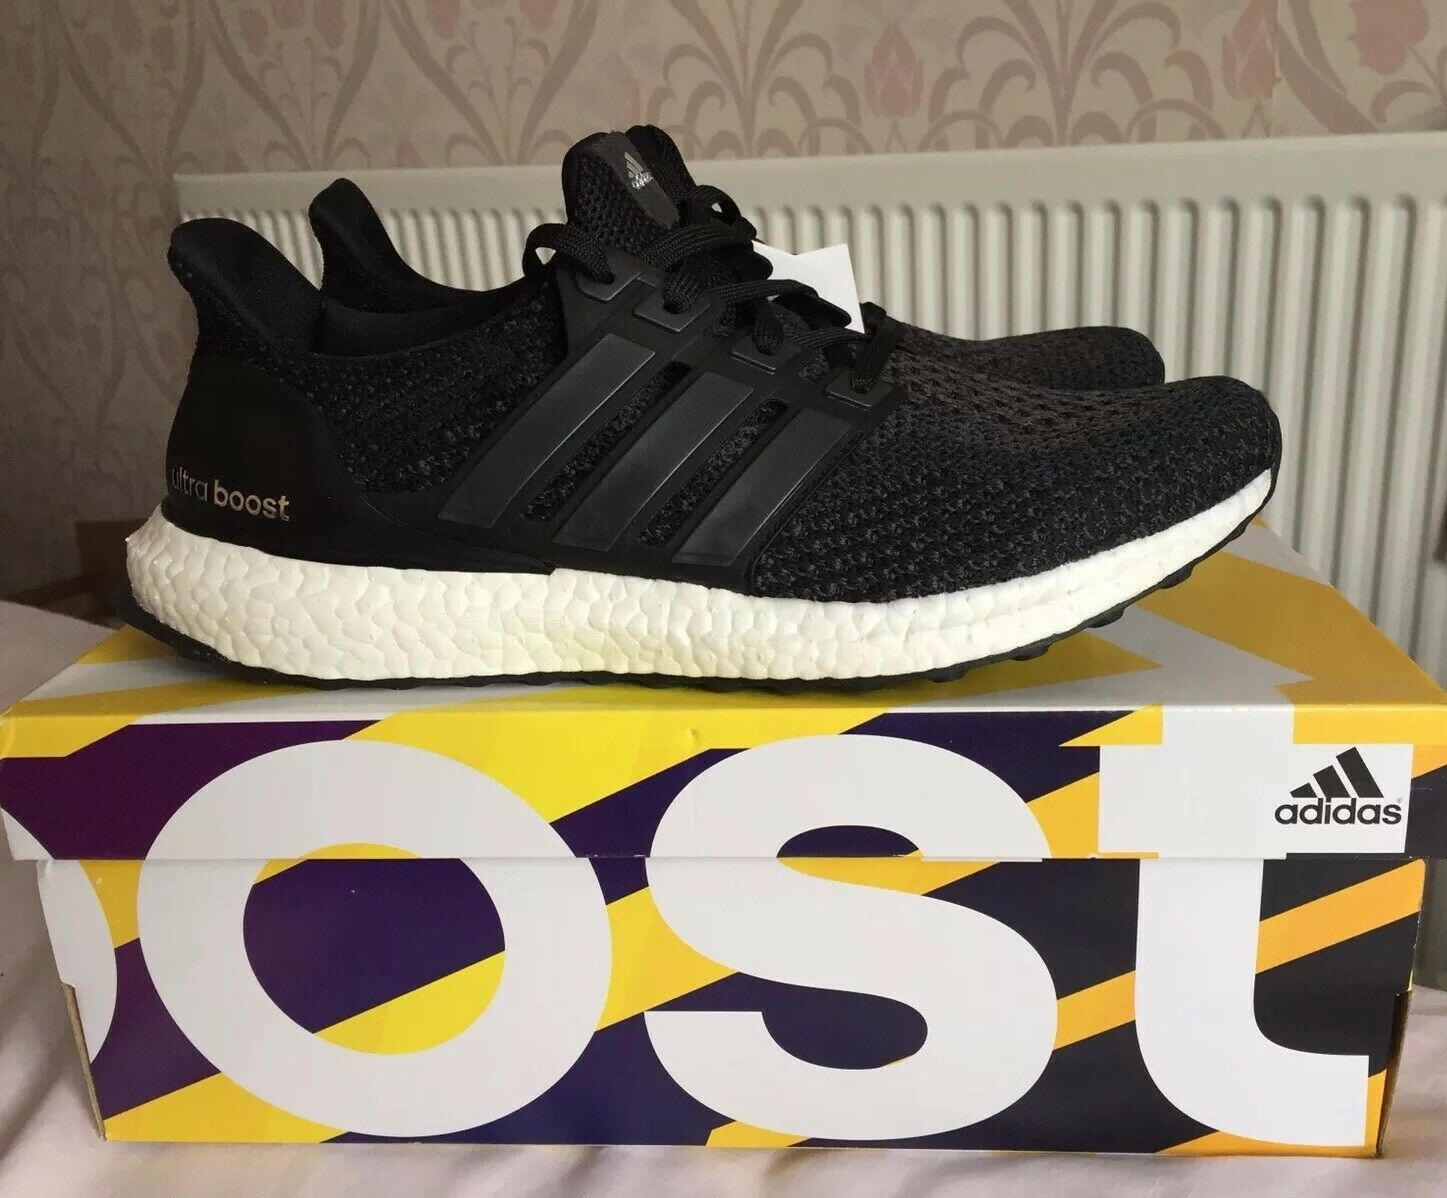 Nuevo Y En Caja Adidas Ultra Boost 2.0 Core Negro blancoo PK nos 8.5 Ultraboost